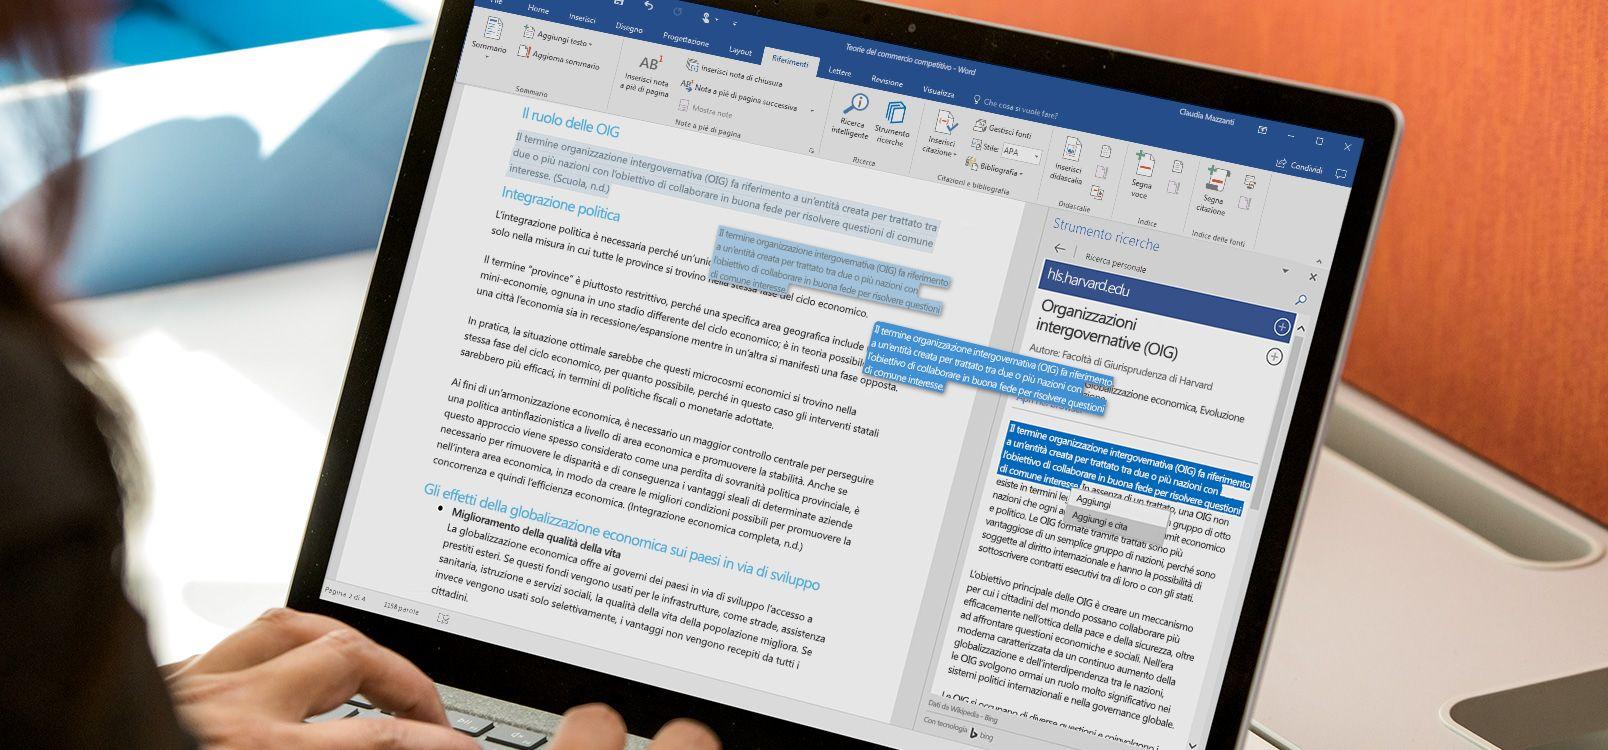 Schermo di laptop che visualizza un documento di Word con la funzionalità Strumento ricerche in uso